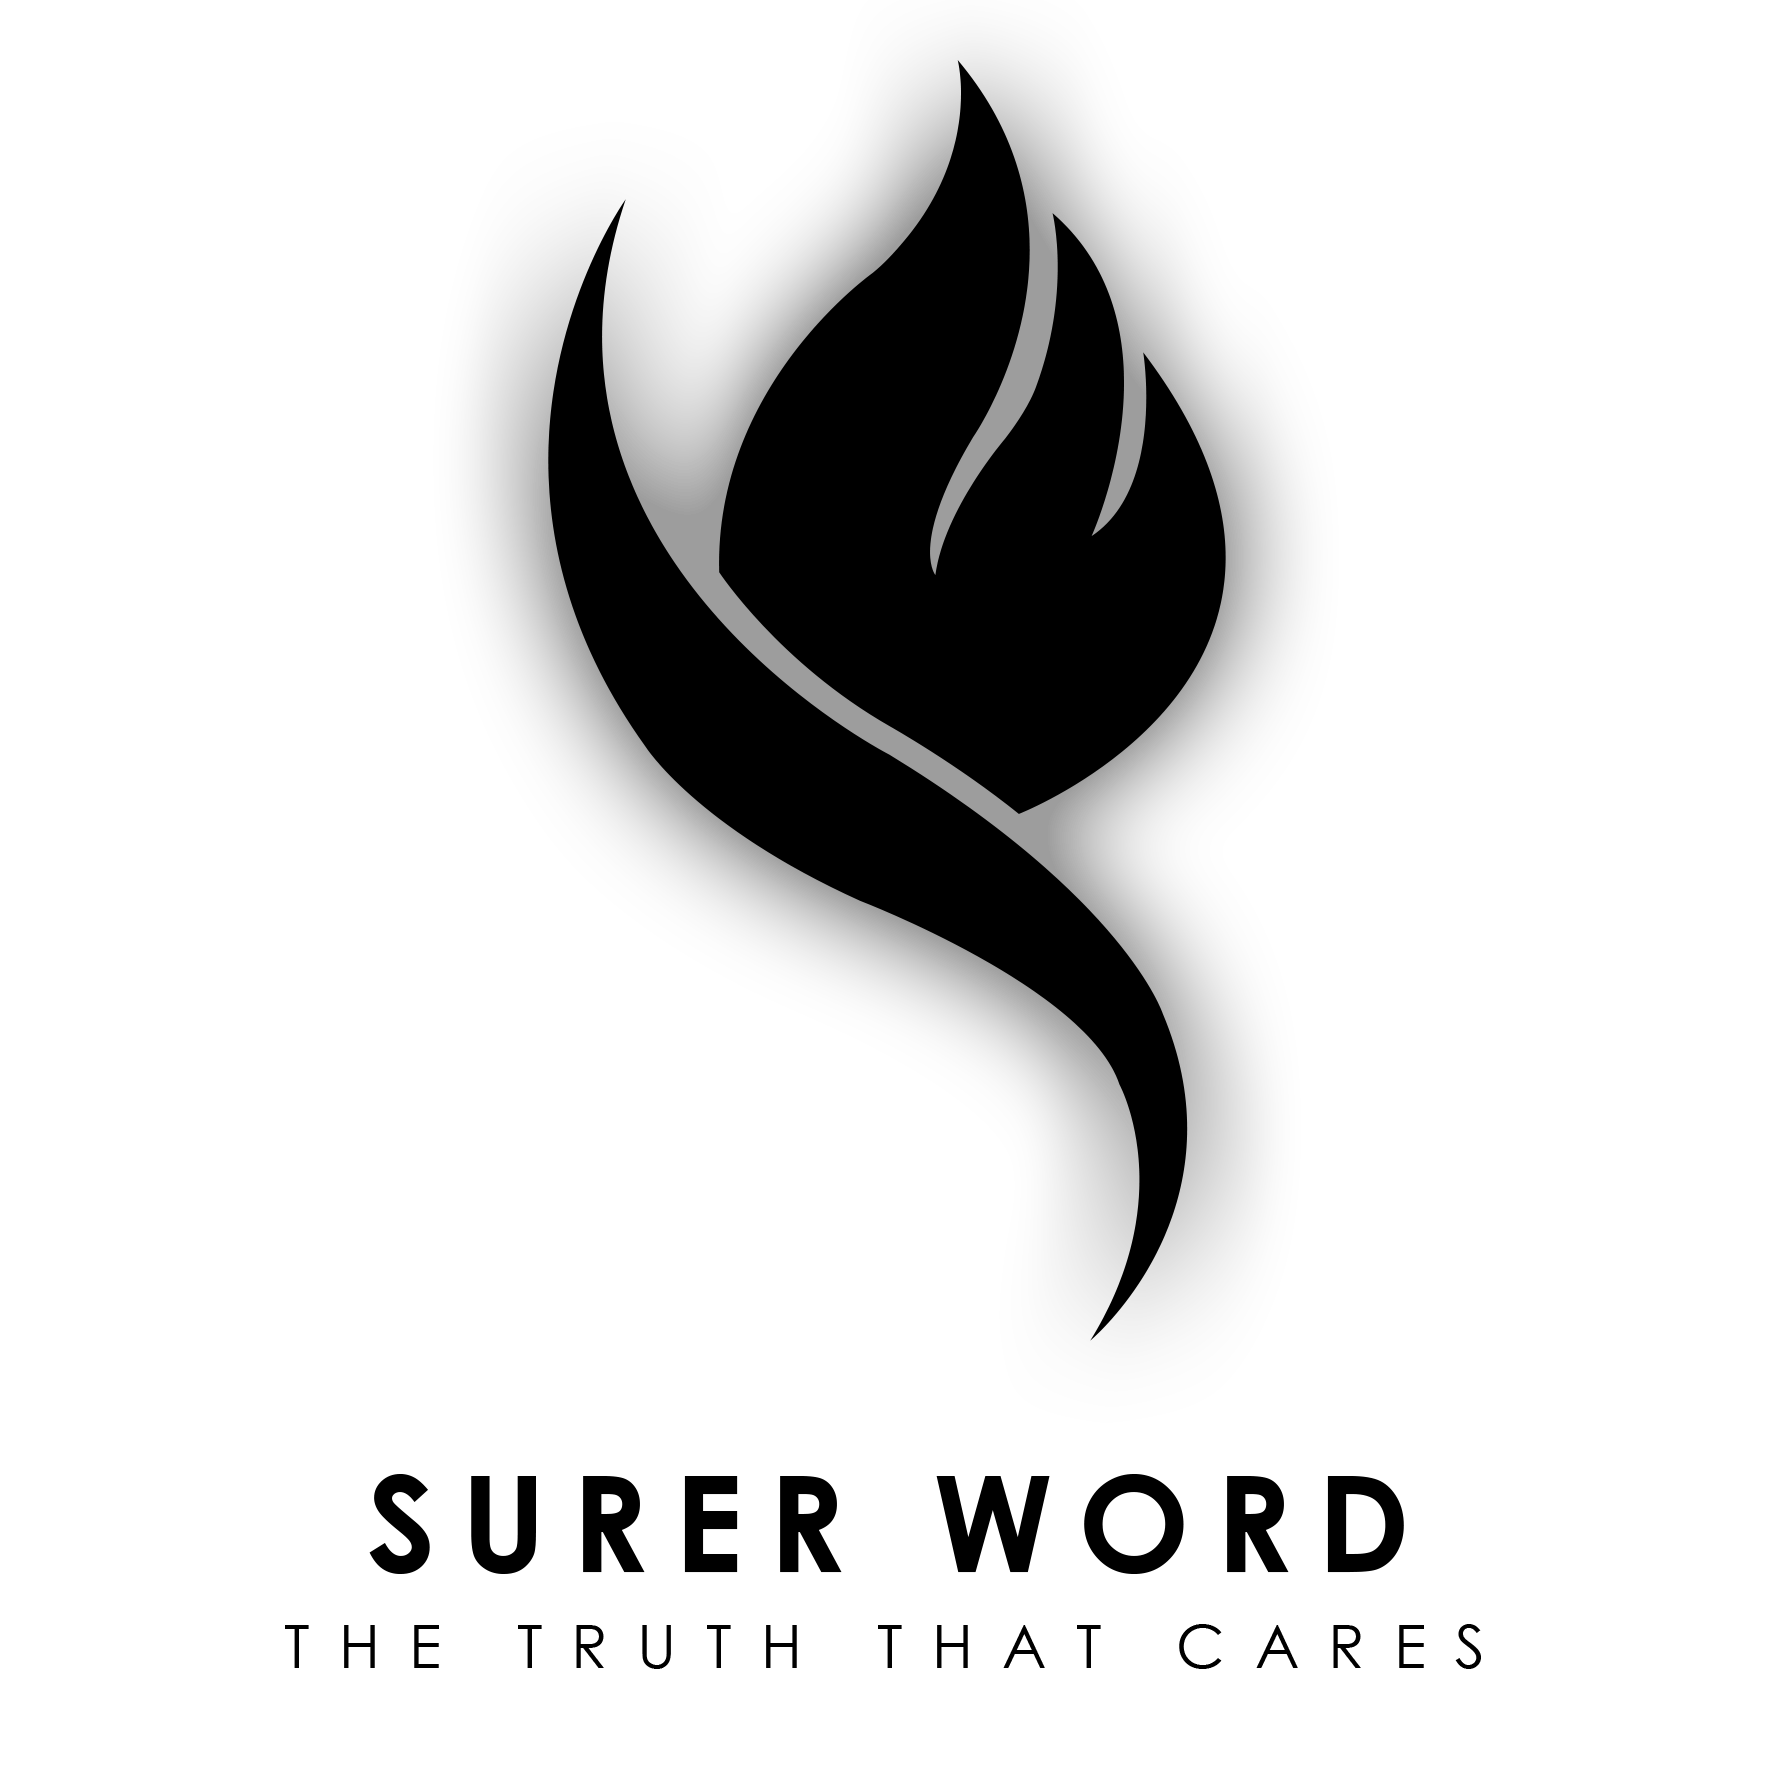 Surer Word Logo